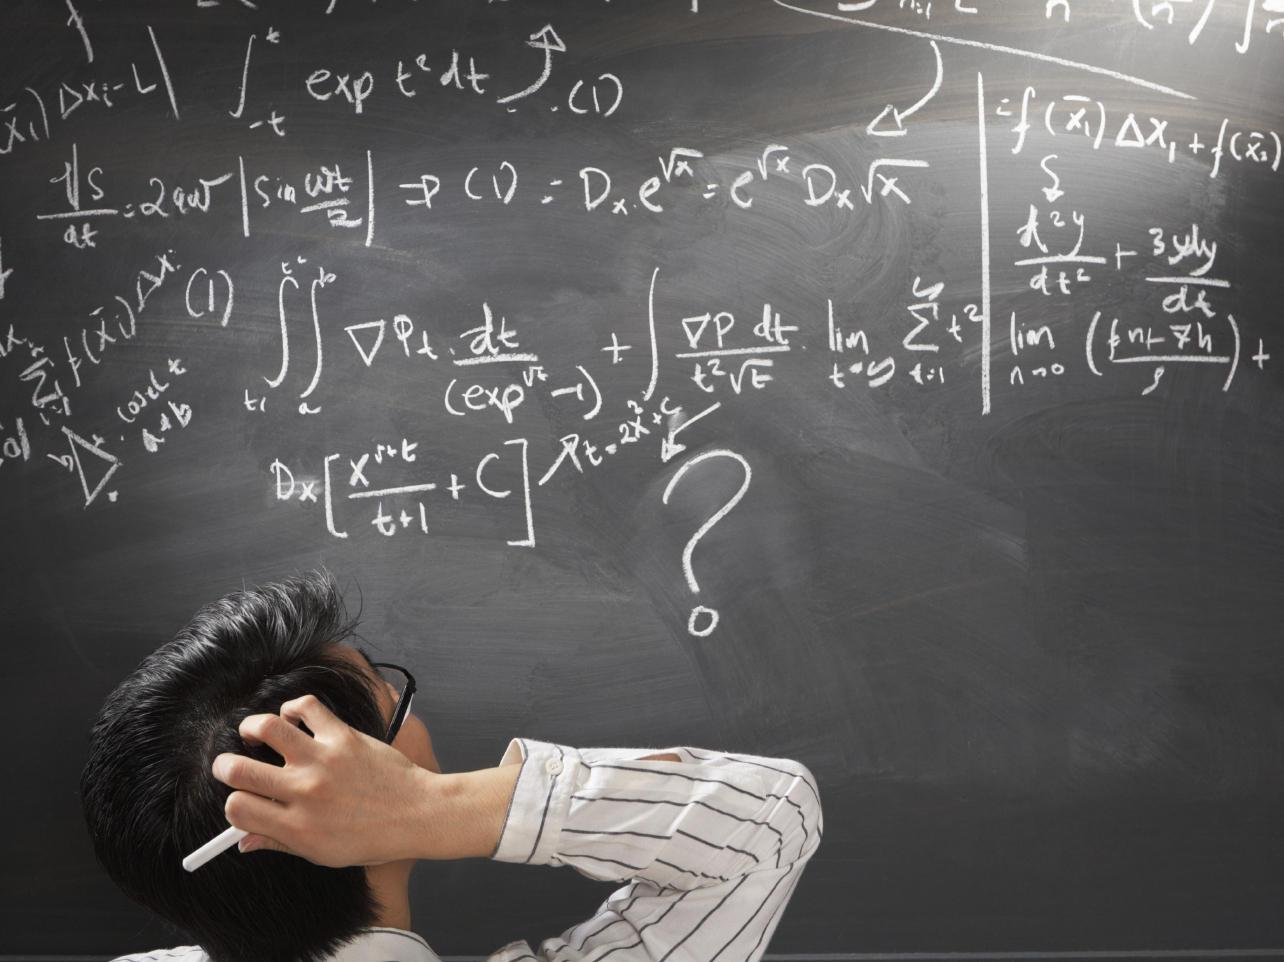 Não sou bom em matemática, posso fazer engenharia?